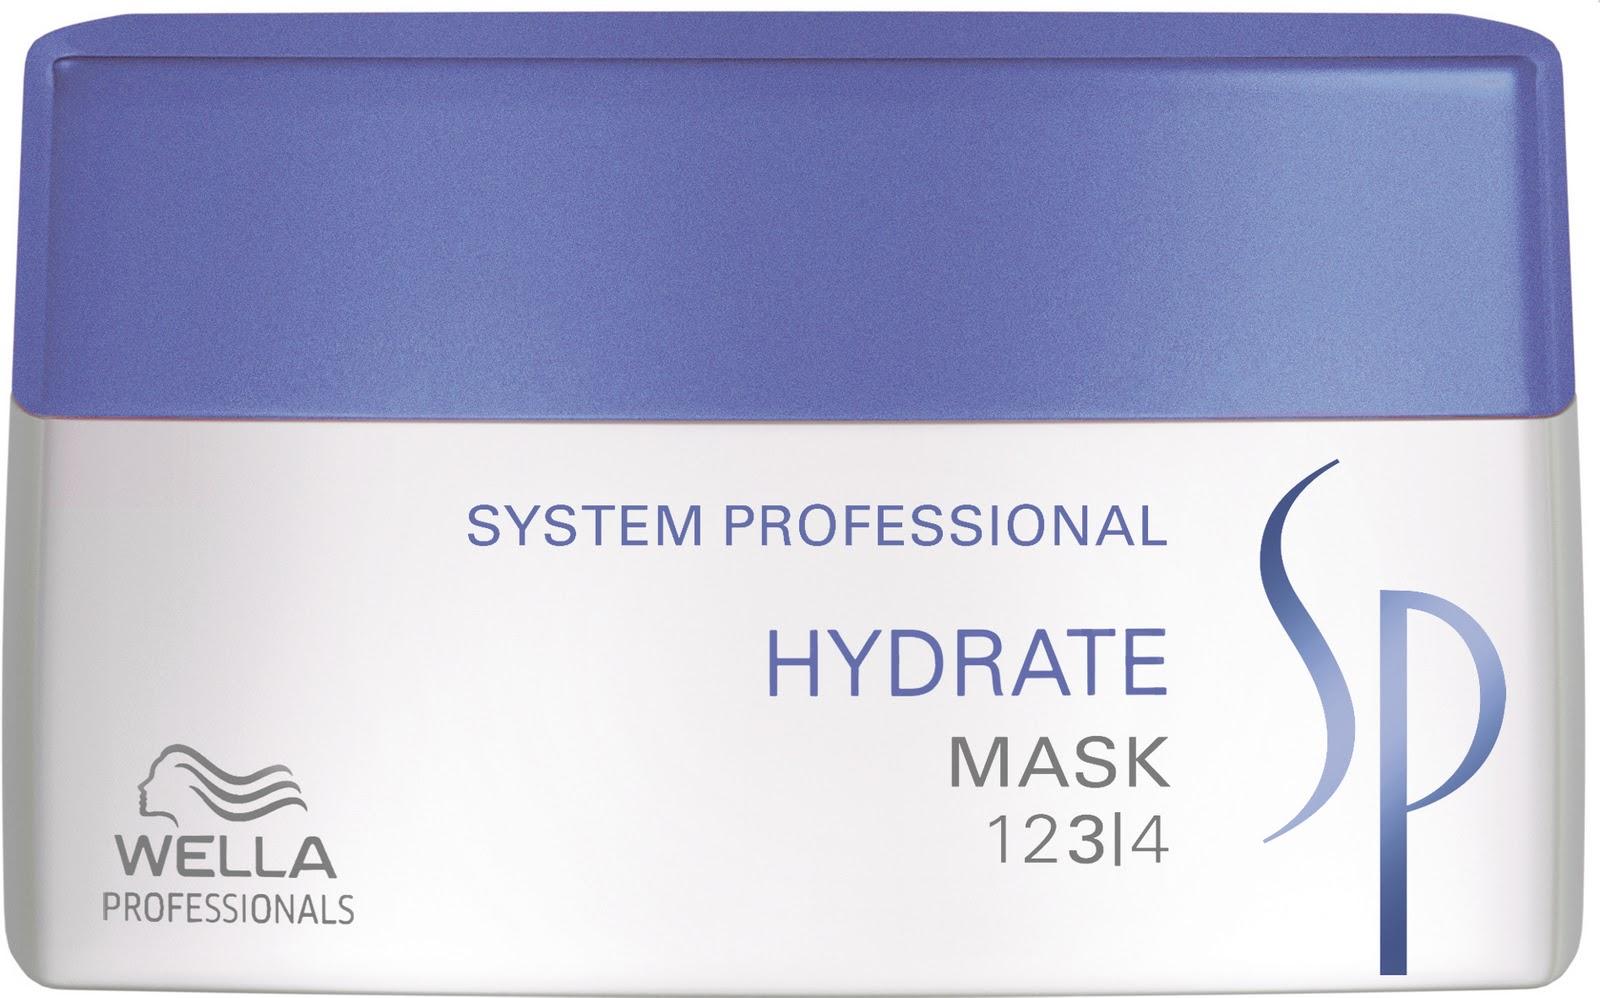 Wella SP Увлажняющая маска Hydrate Mask, 400 млFS-00103Wella SP Hydrate Mask предназначена для интенсивного увлажнения волос. Средство разработано для cухой кожи головы. Благодаря глюкозе, глицерину и пантенолу, которые входят в состав Wella SP Hydrate Mask, средство предотвращает пересыхание волос и придает локонам эластичность.